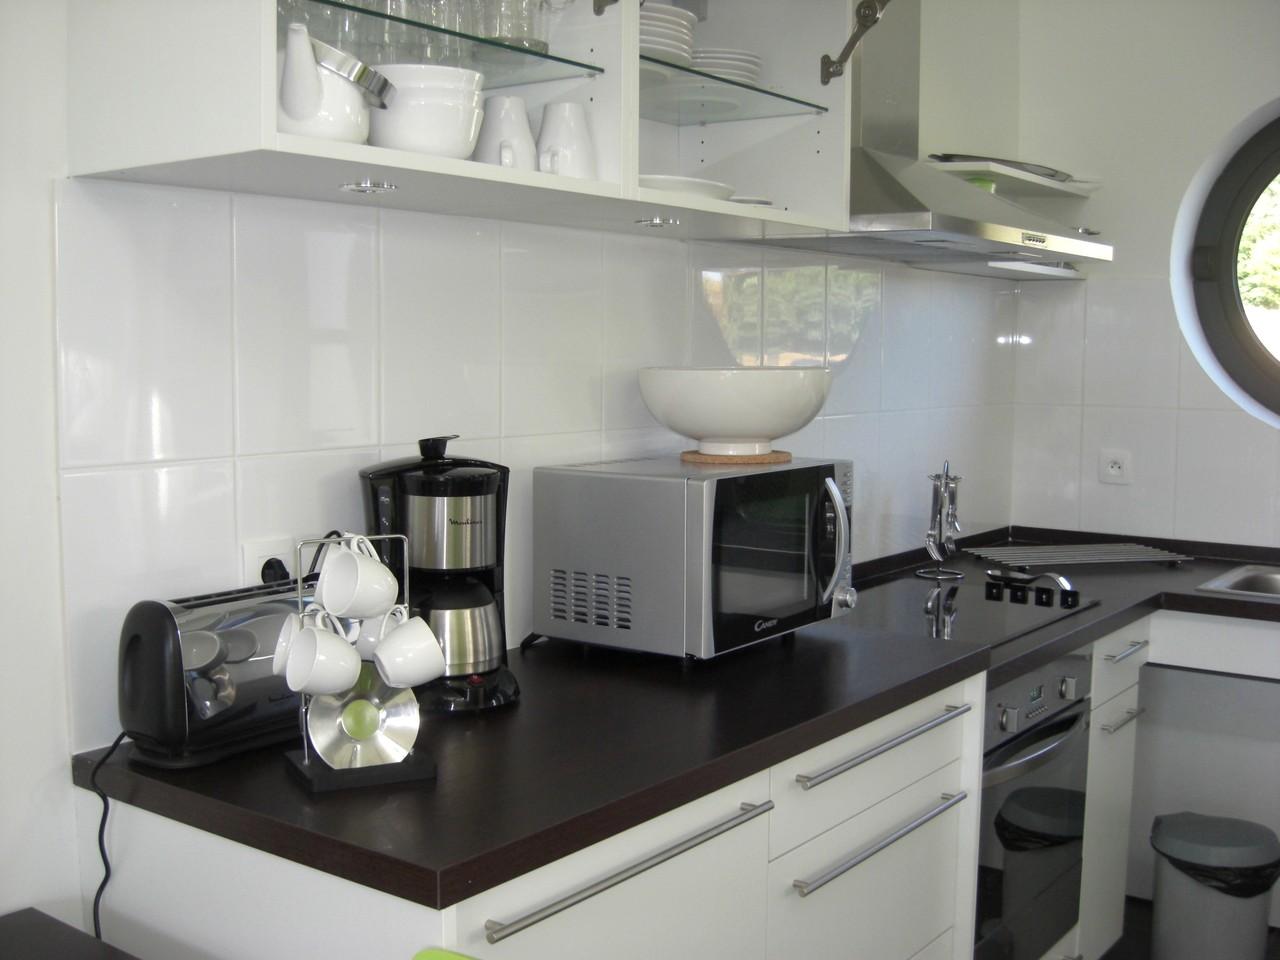 Cuisine équipée : four, micro-ondes, lave-vaisselle, cafetière, bouilloire...